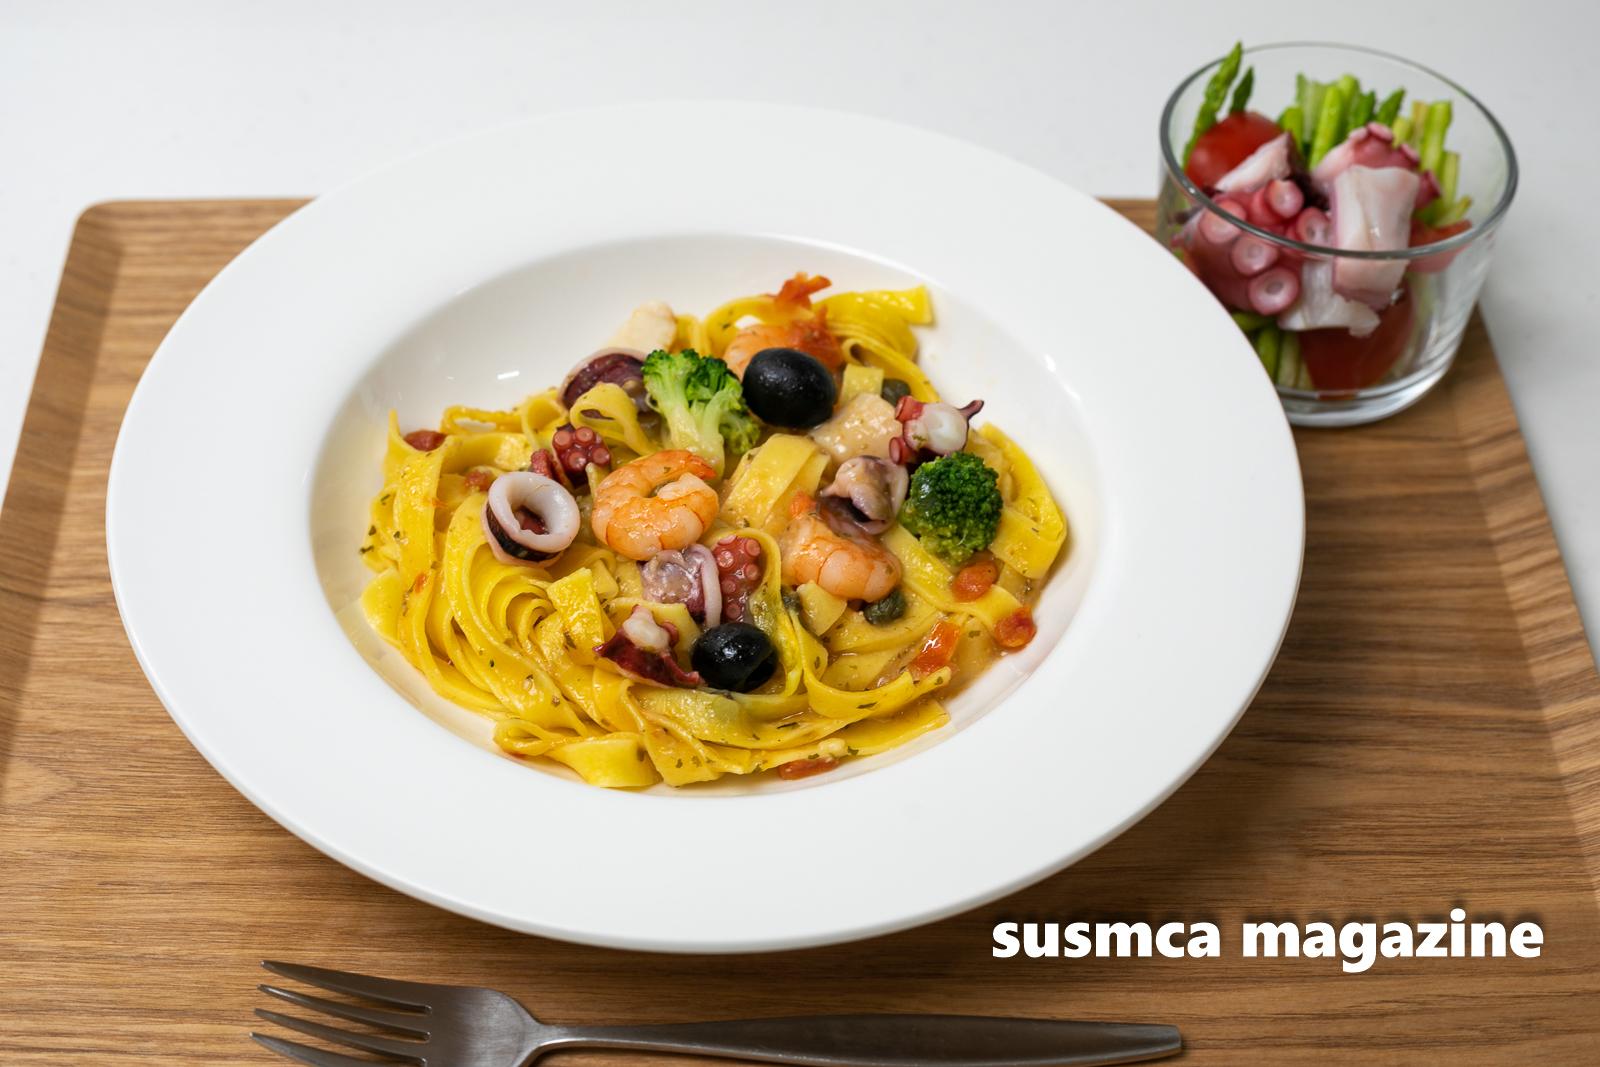 ロイヤルデリ初のロングパスタ新商品を食べてみたら本場イタリアの味に感動した《ディナーパスタ》